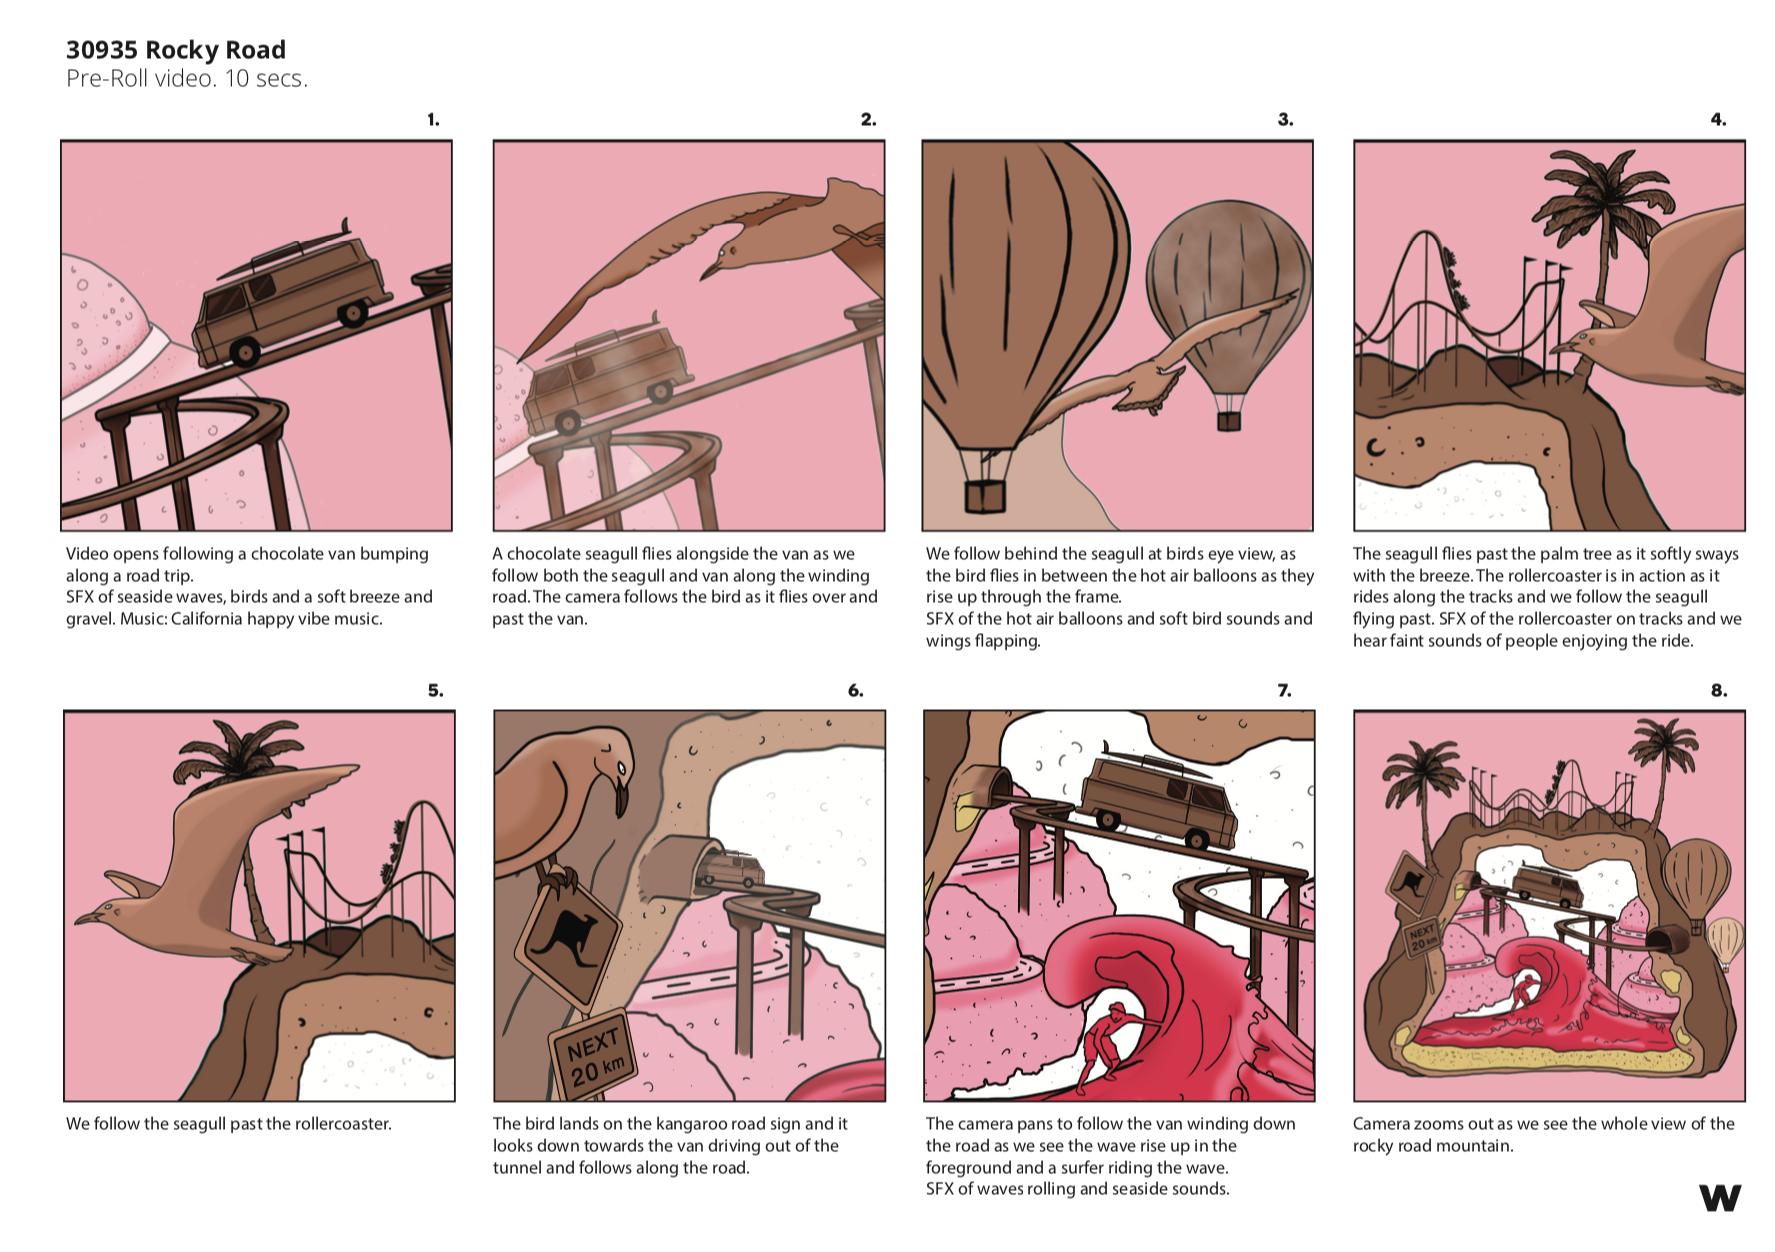 RockyRoad-Storyboard1